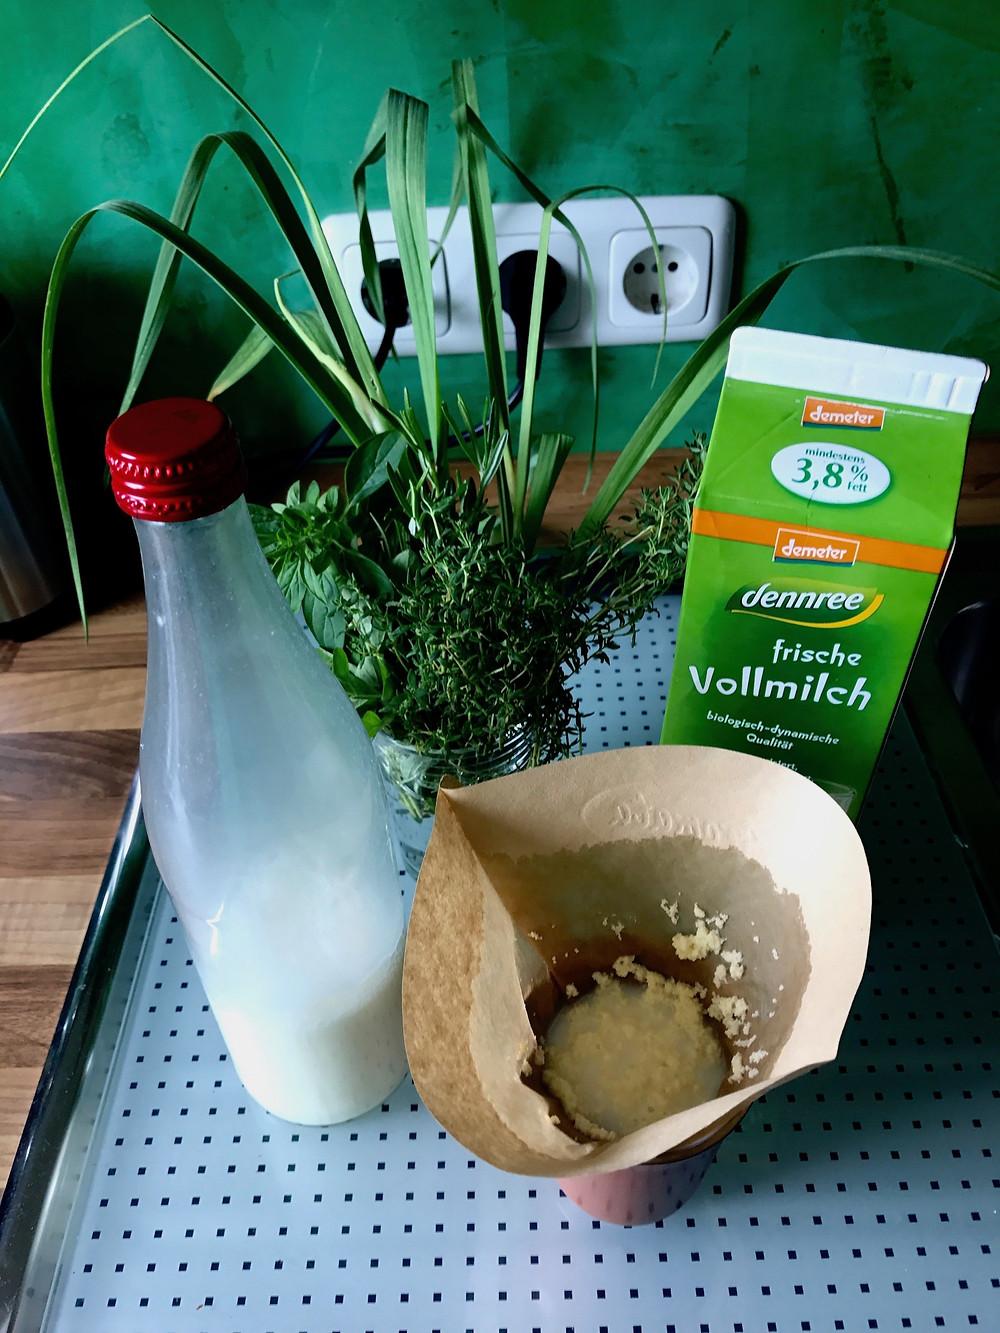 Laufinstinkt+® Augsburg - Butter schnell selber gemacht - Bild 1